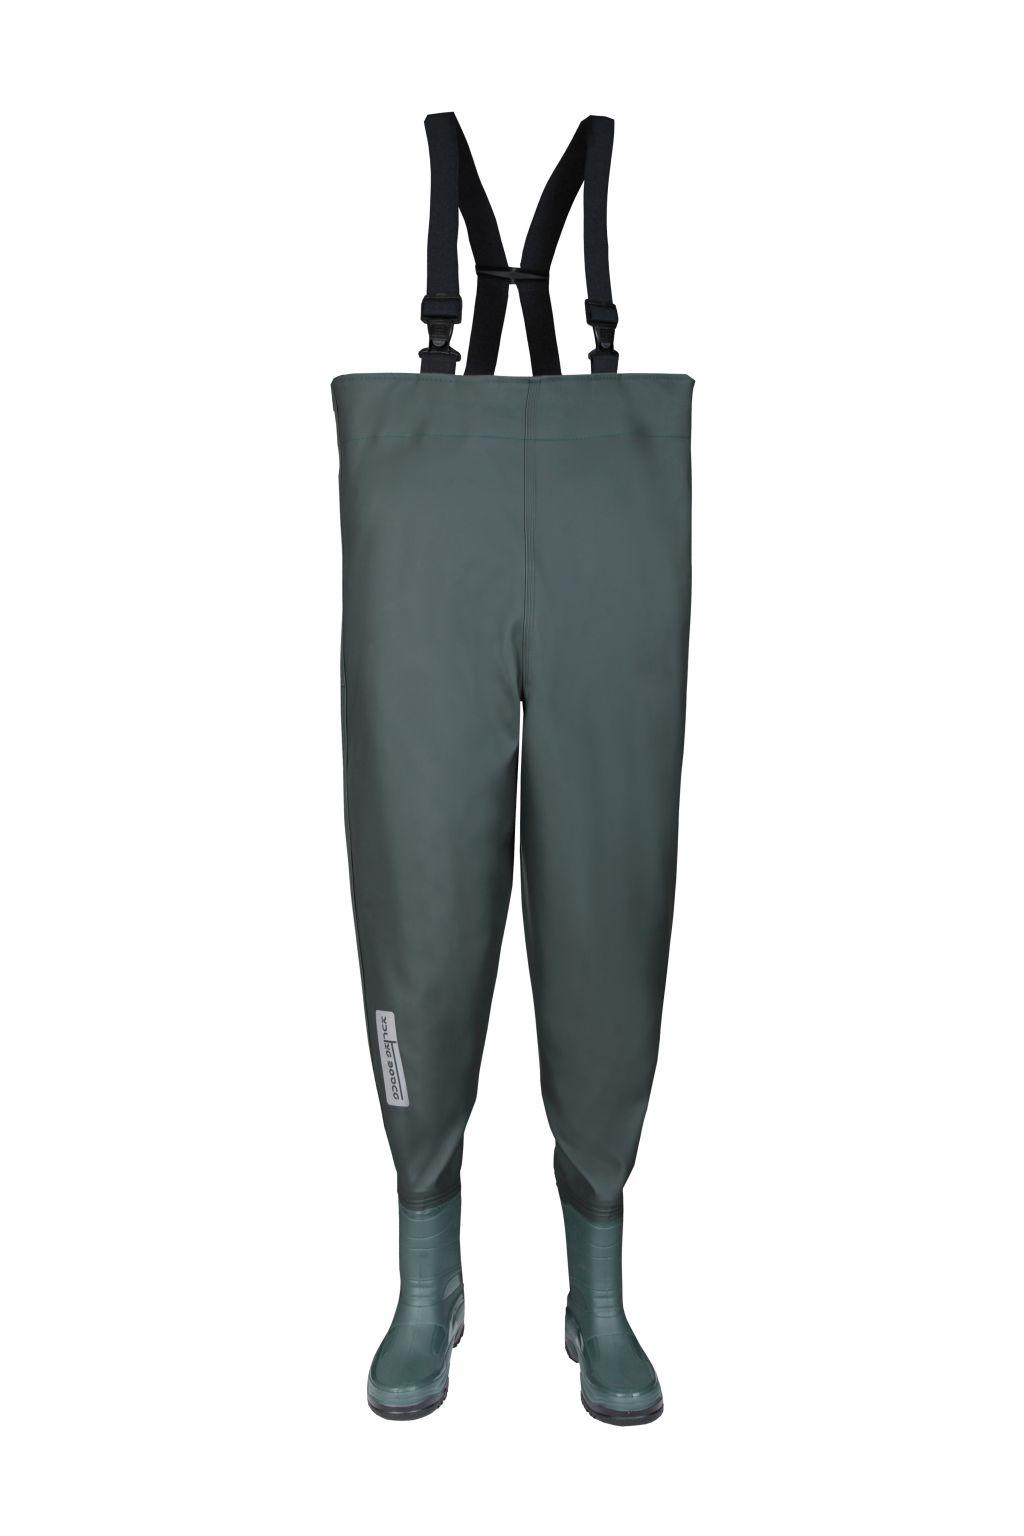 PROS Brodící kalhoty Junior, zelená